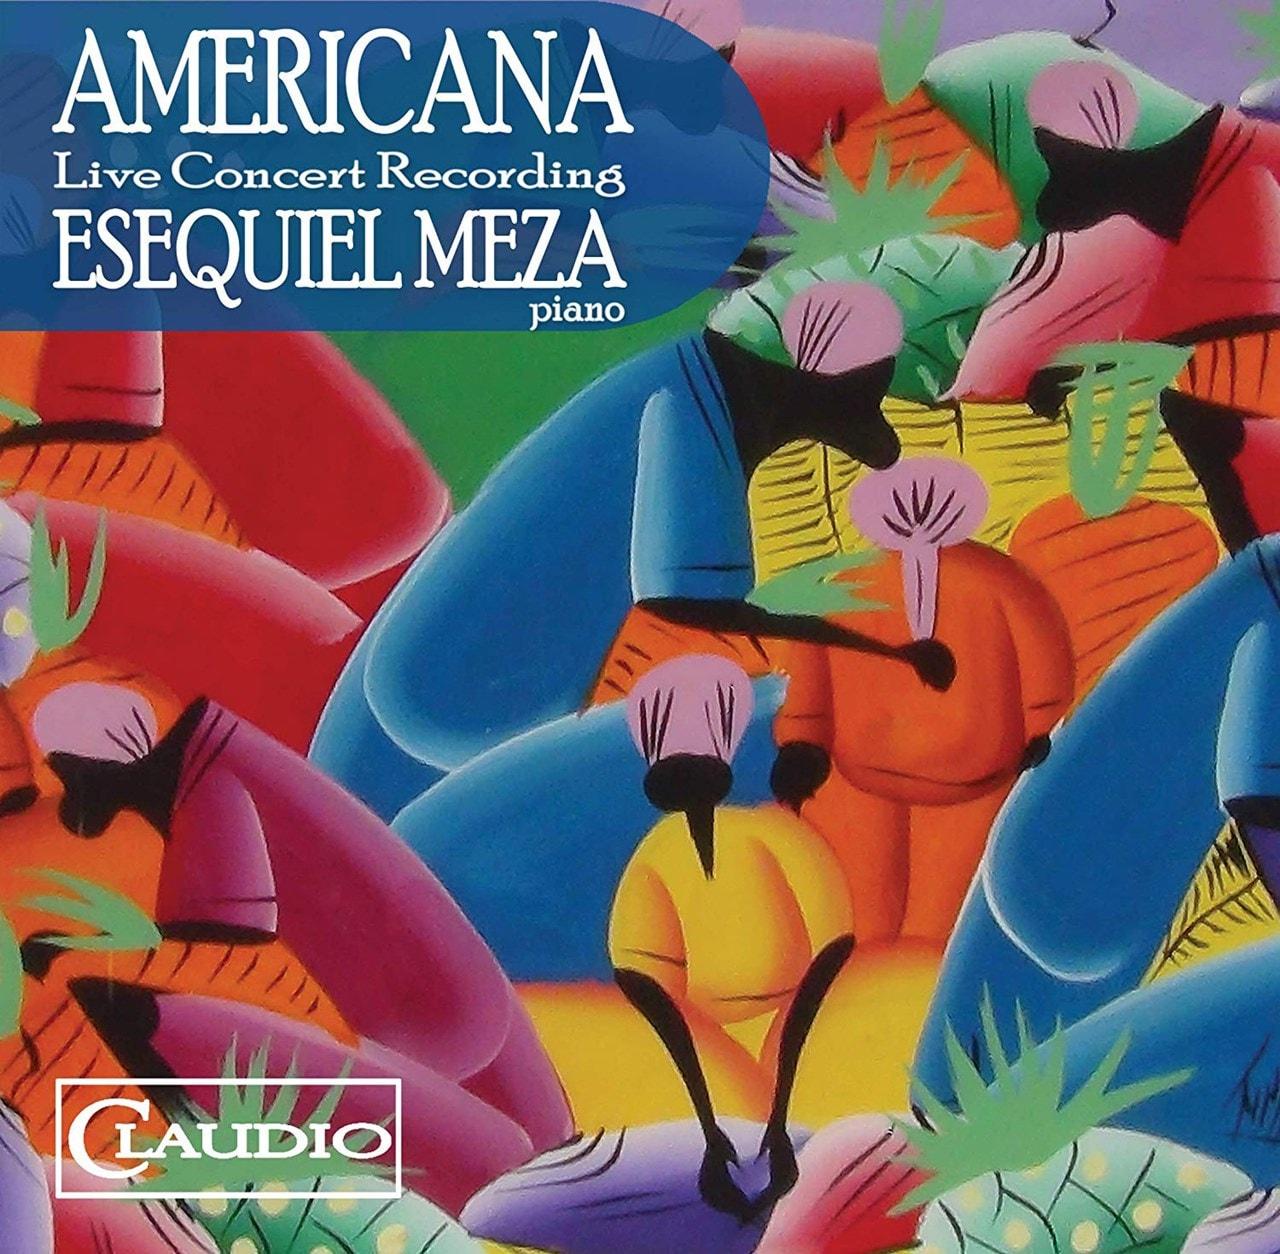 Esequiel Meza: Americana - 1